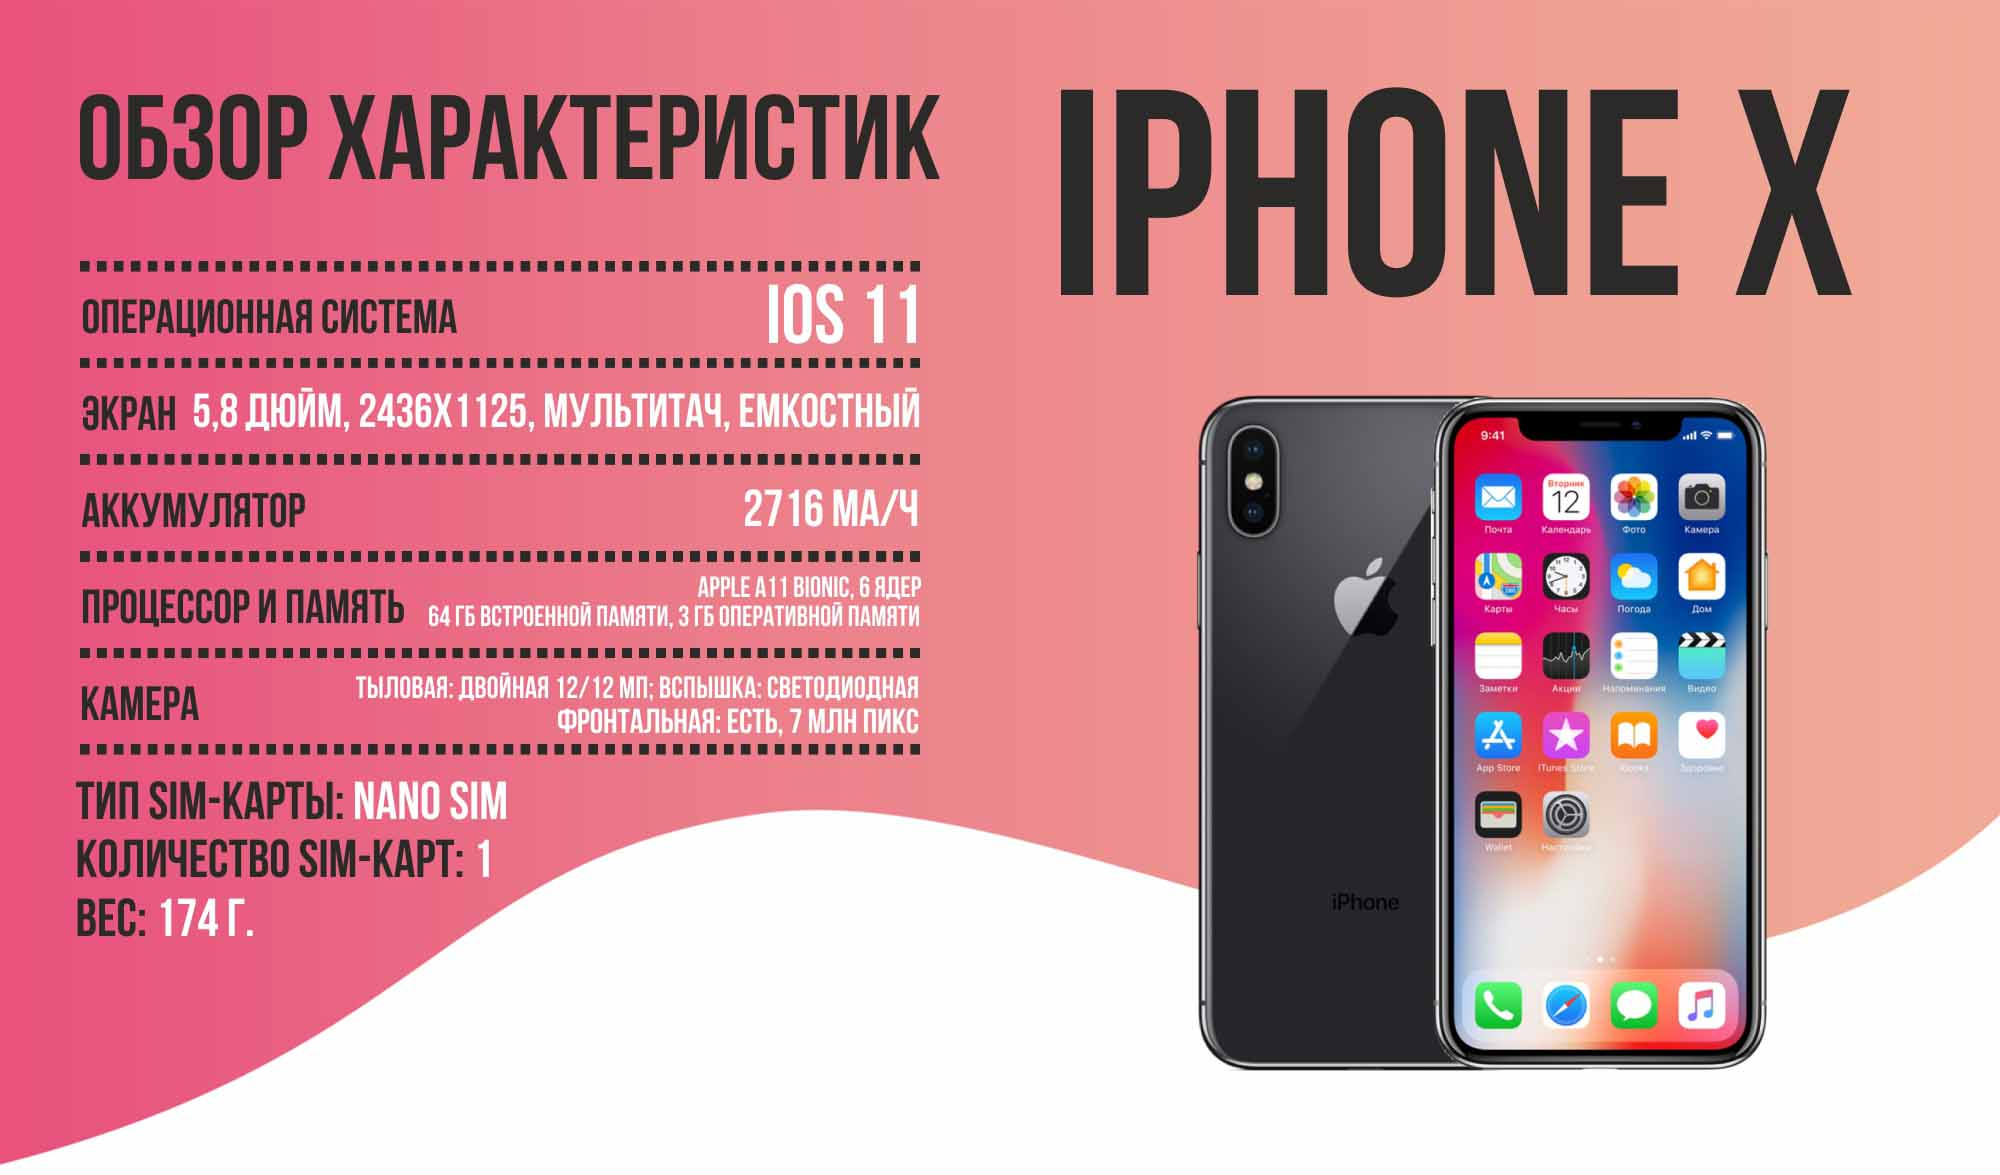 iPhone X_обзор